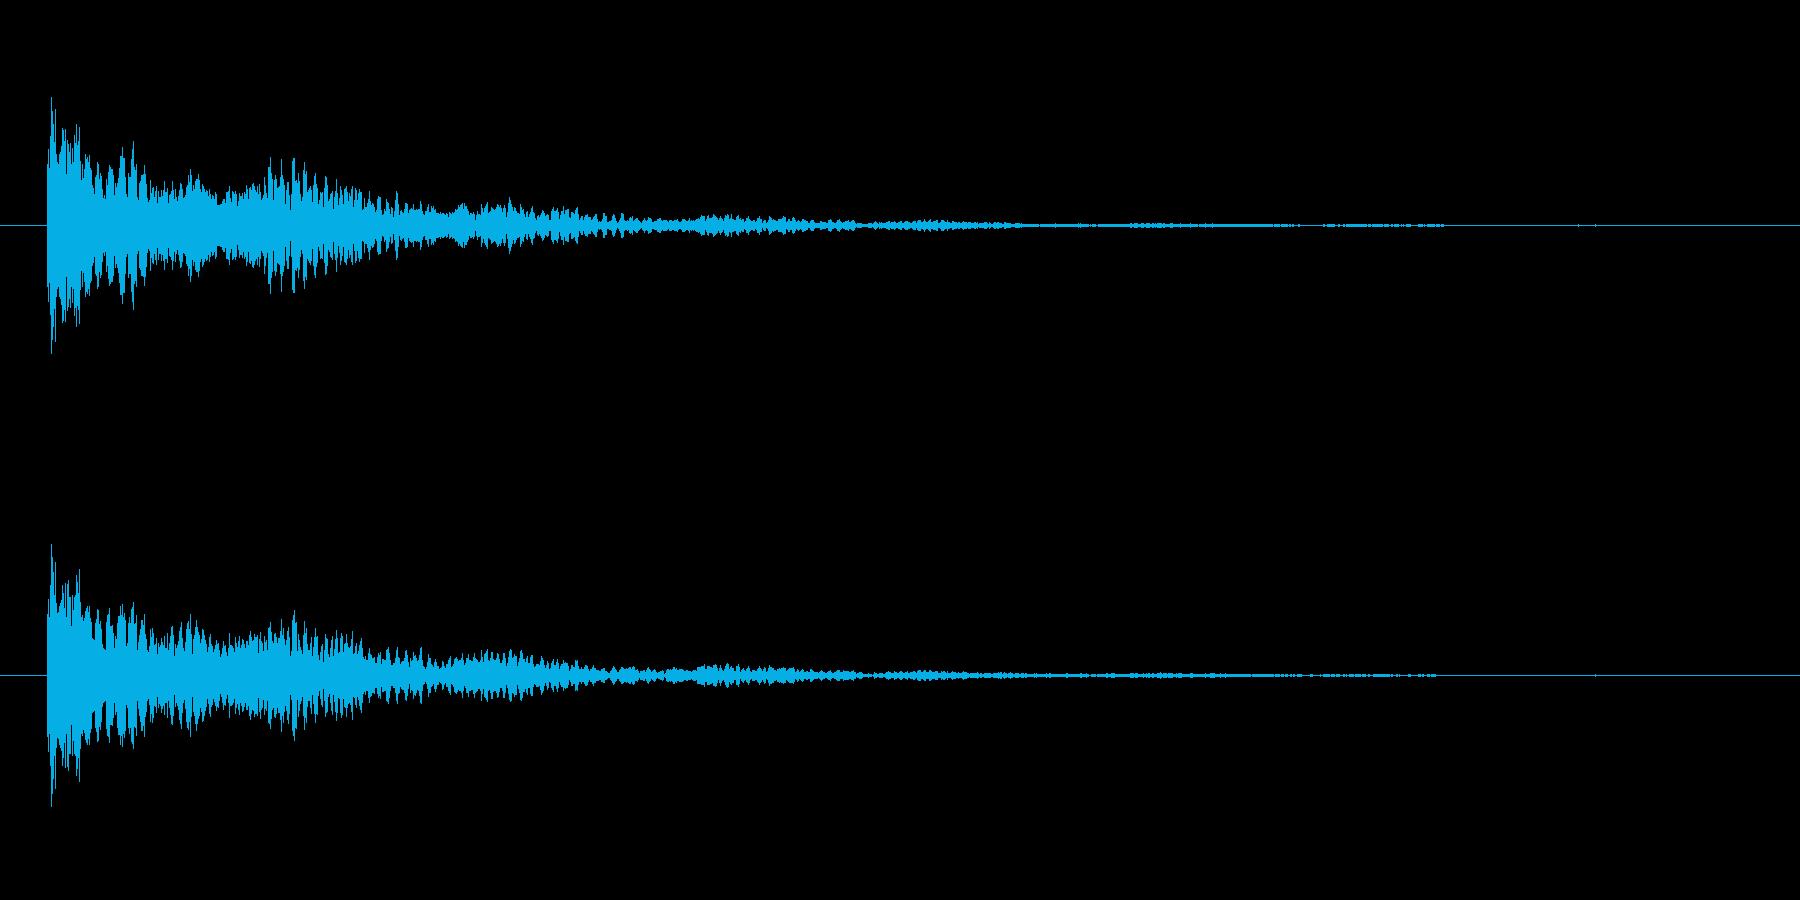 【ネガティブ01-2】の再生済みの波形